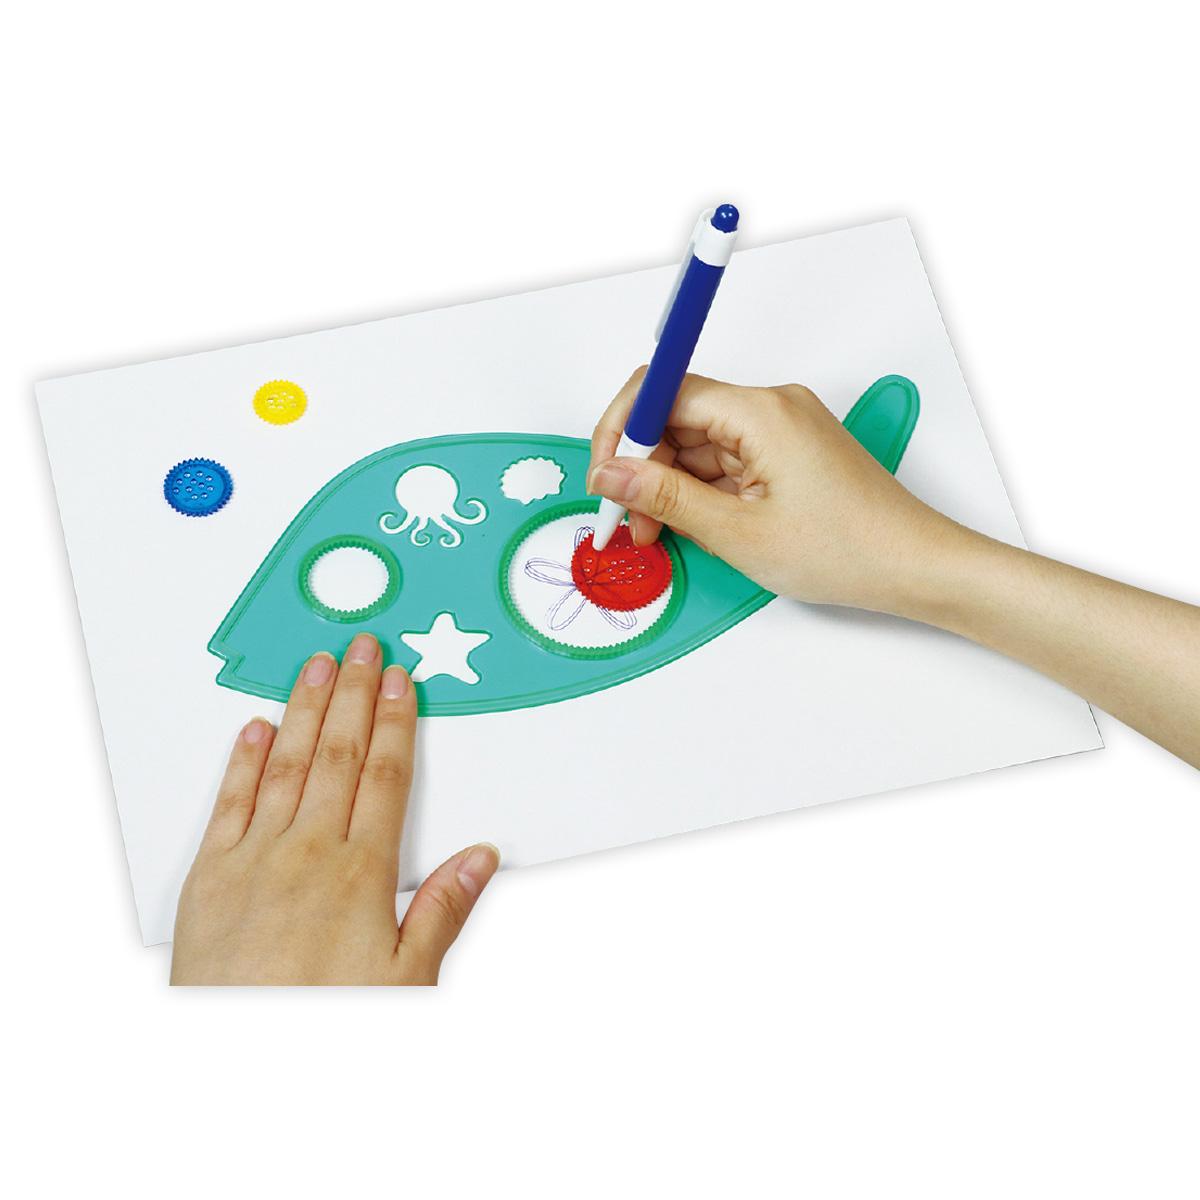 マジカルルーラー アーテック 知育玩具 お絵かき 幼児 キッズ 子供 おもちゃ